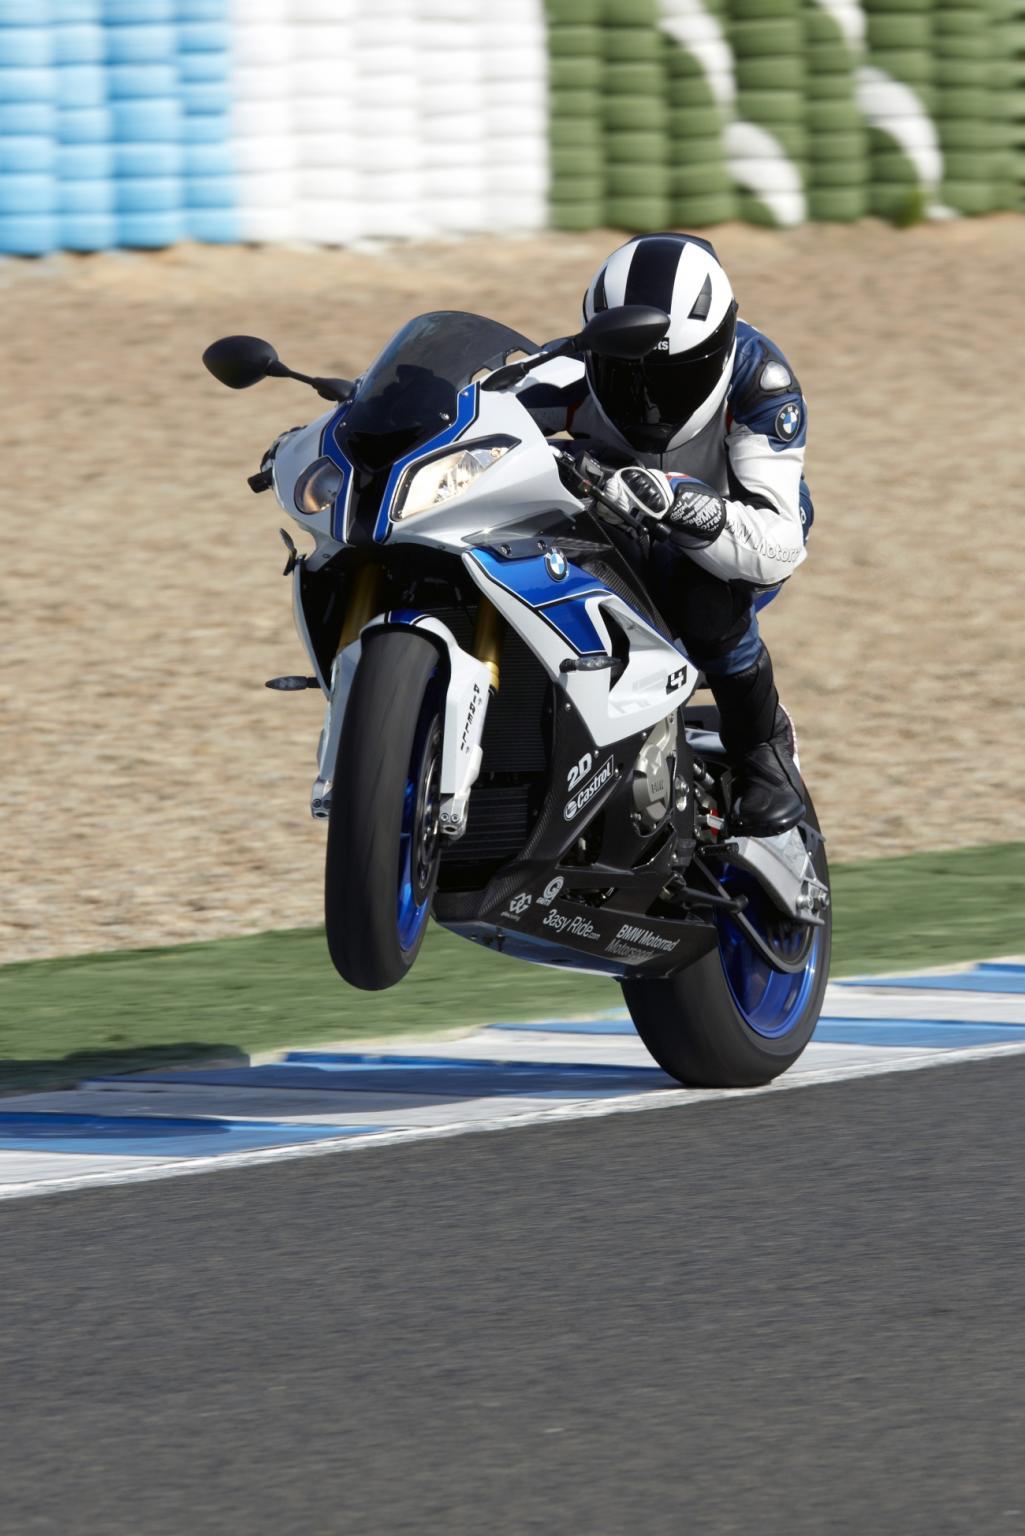 http://www.motorrad-bilder.at/slideshows/291/008309/19.jpg